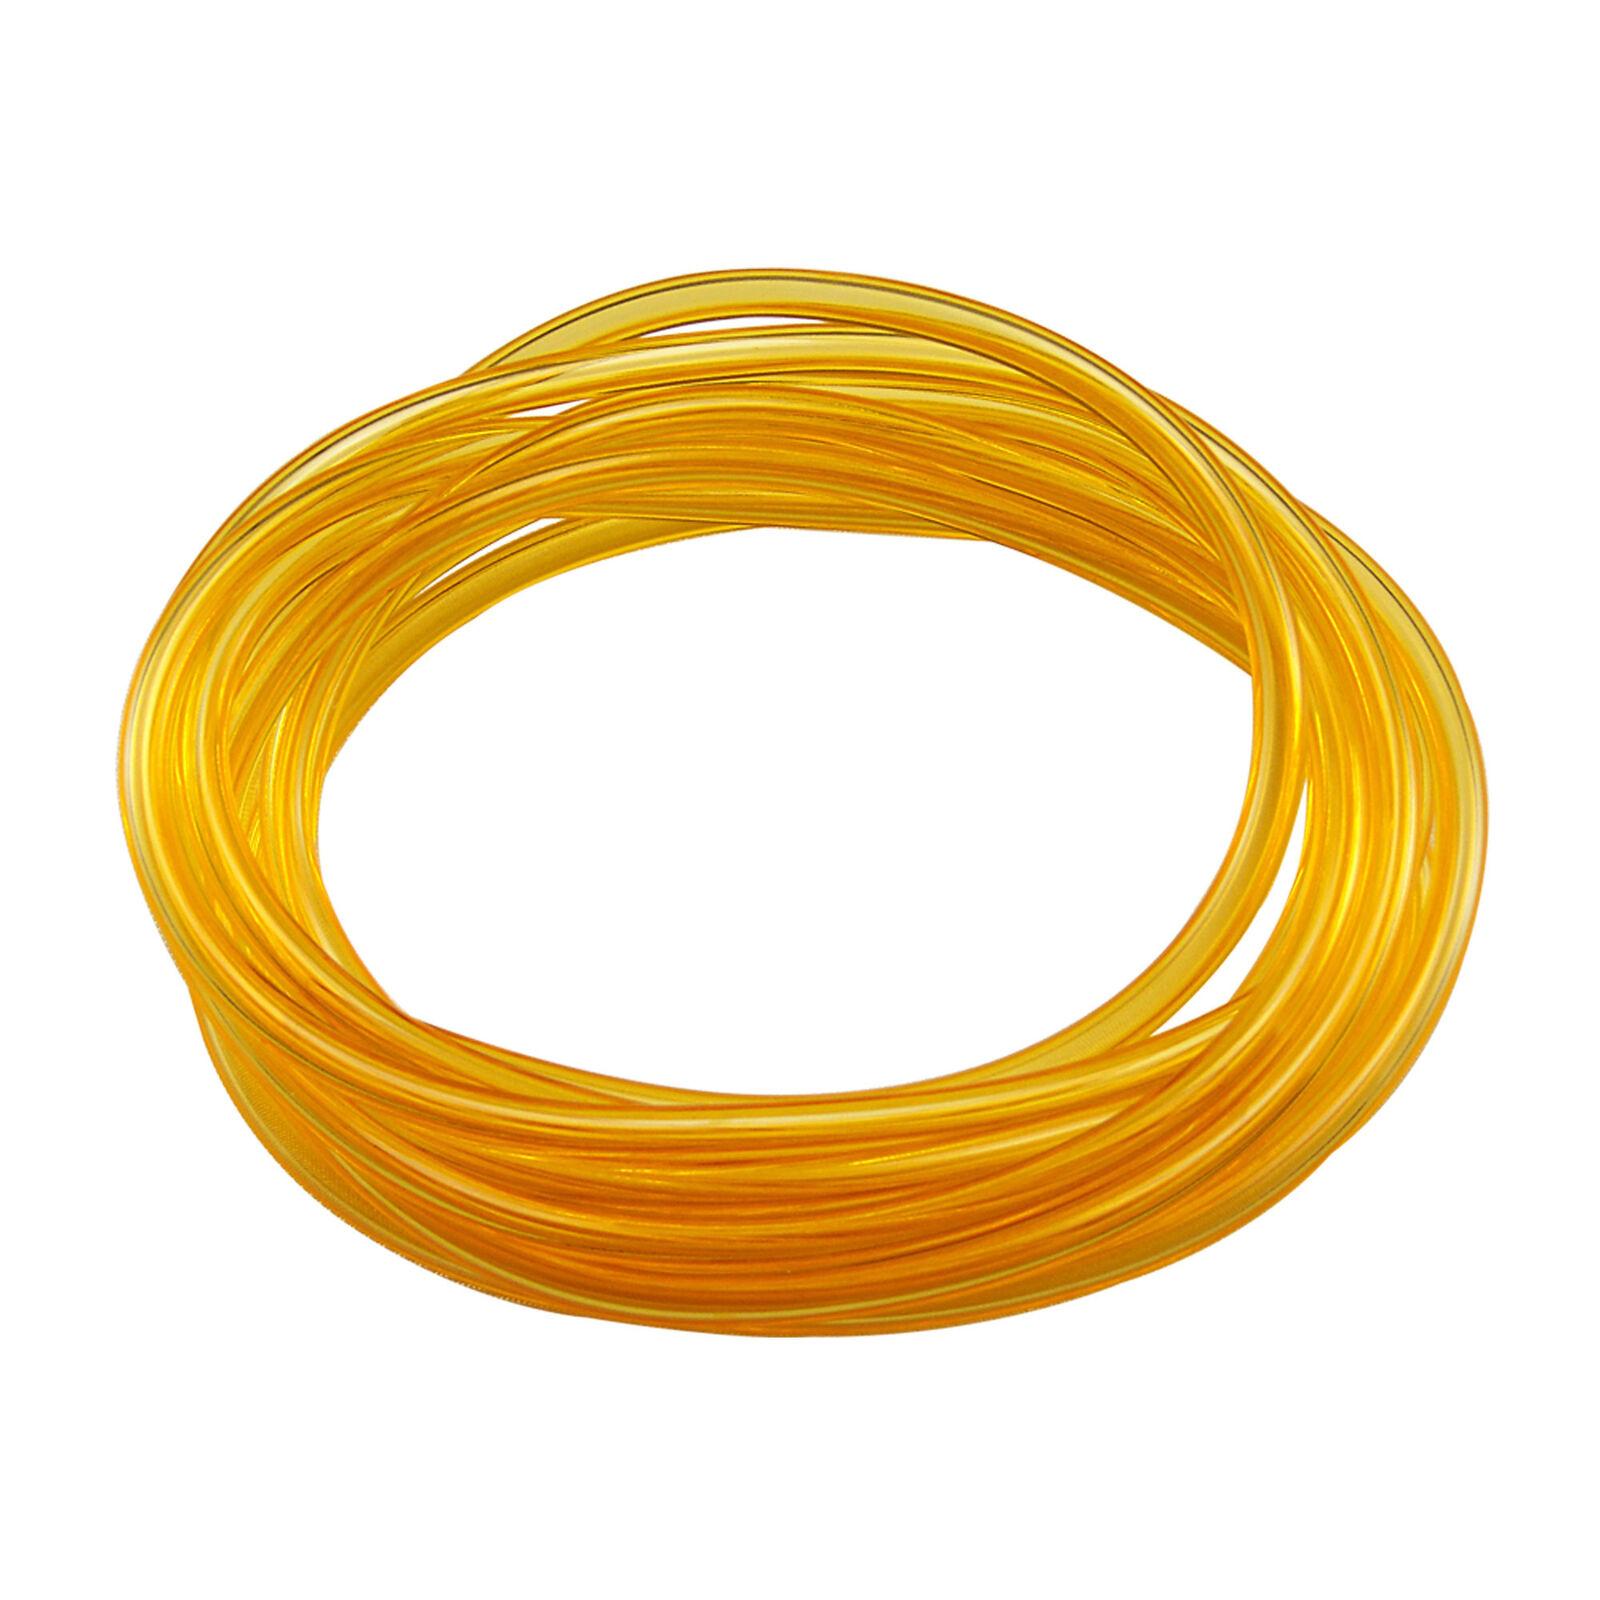 6' Pressure Tubing, Orange